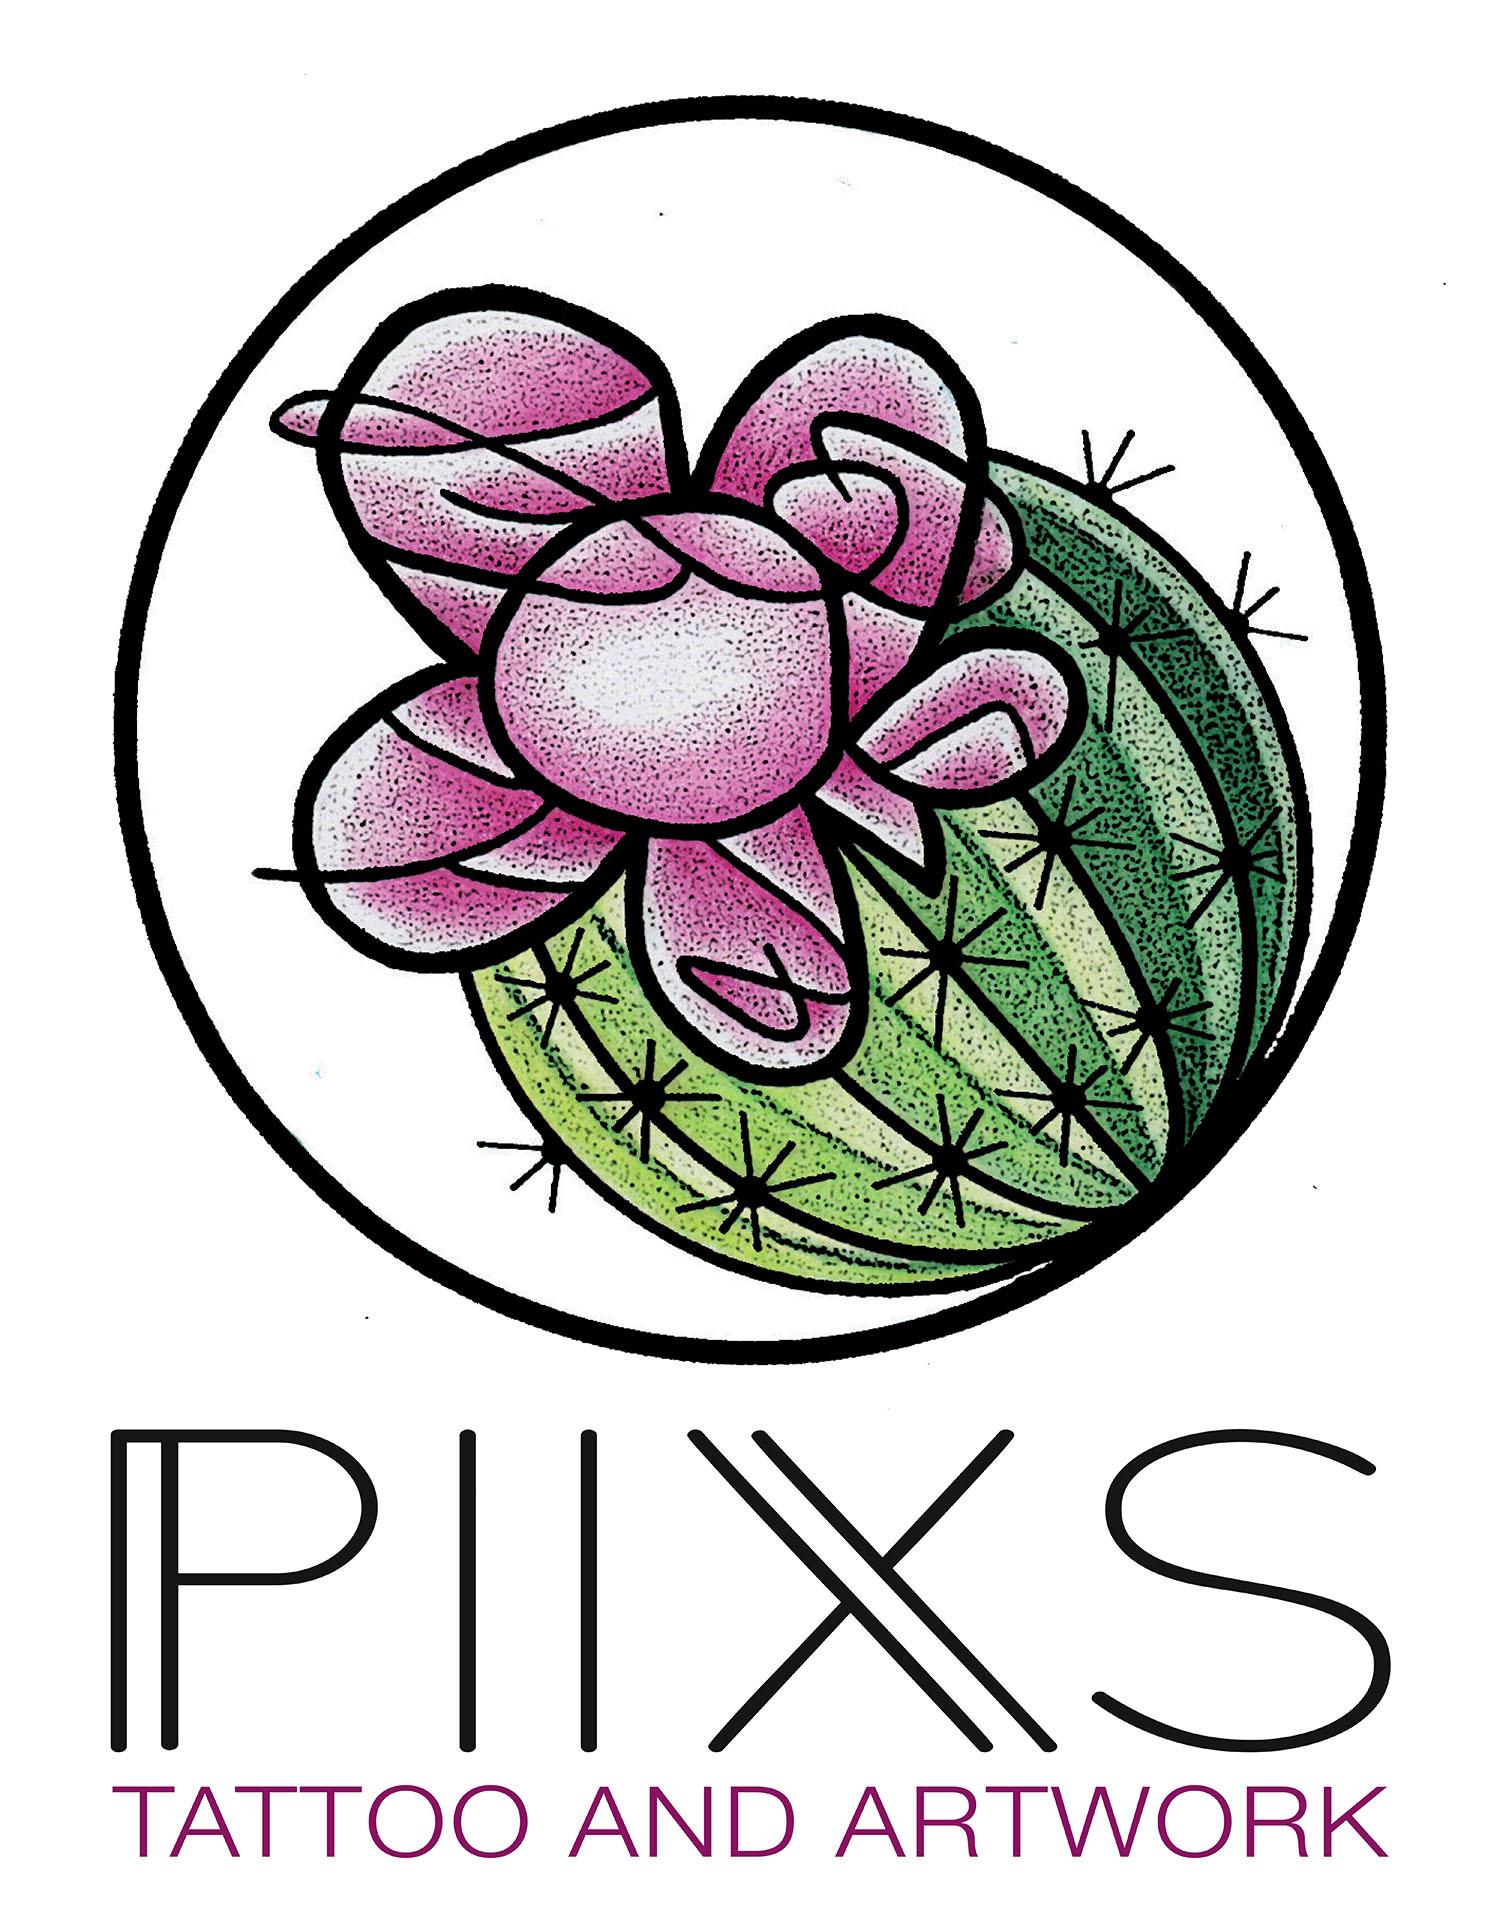 PIIXS Tattoo and Artwork - Konstanz